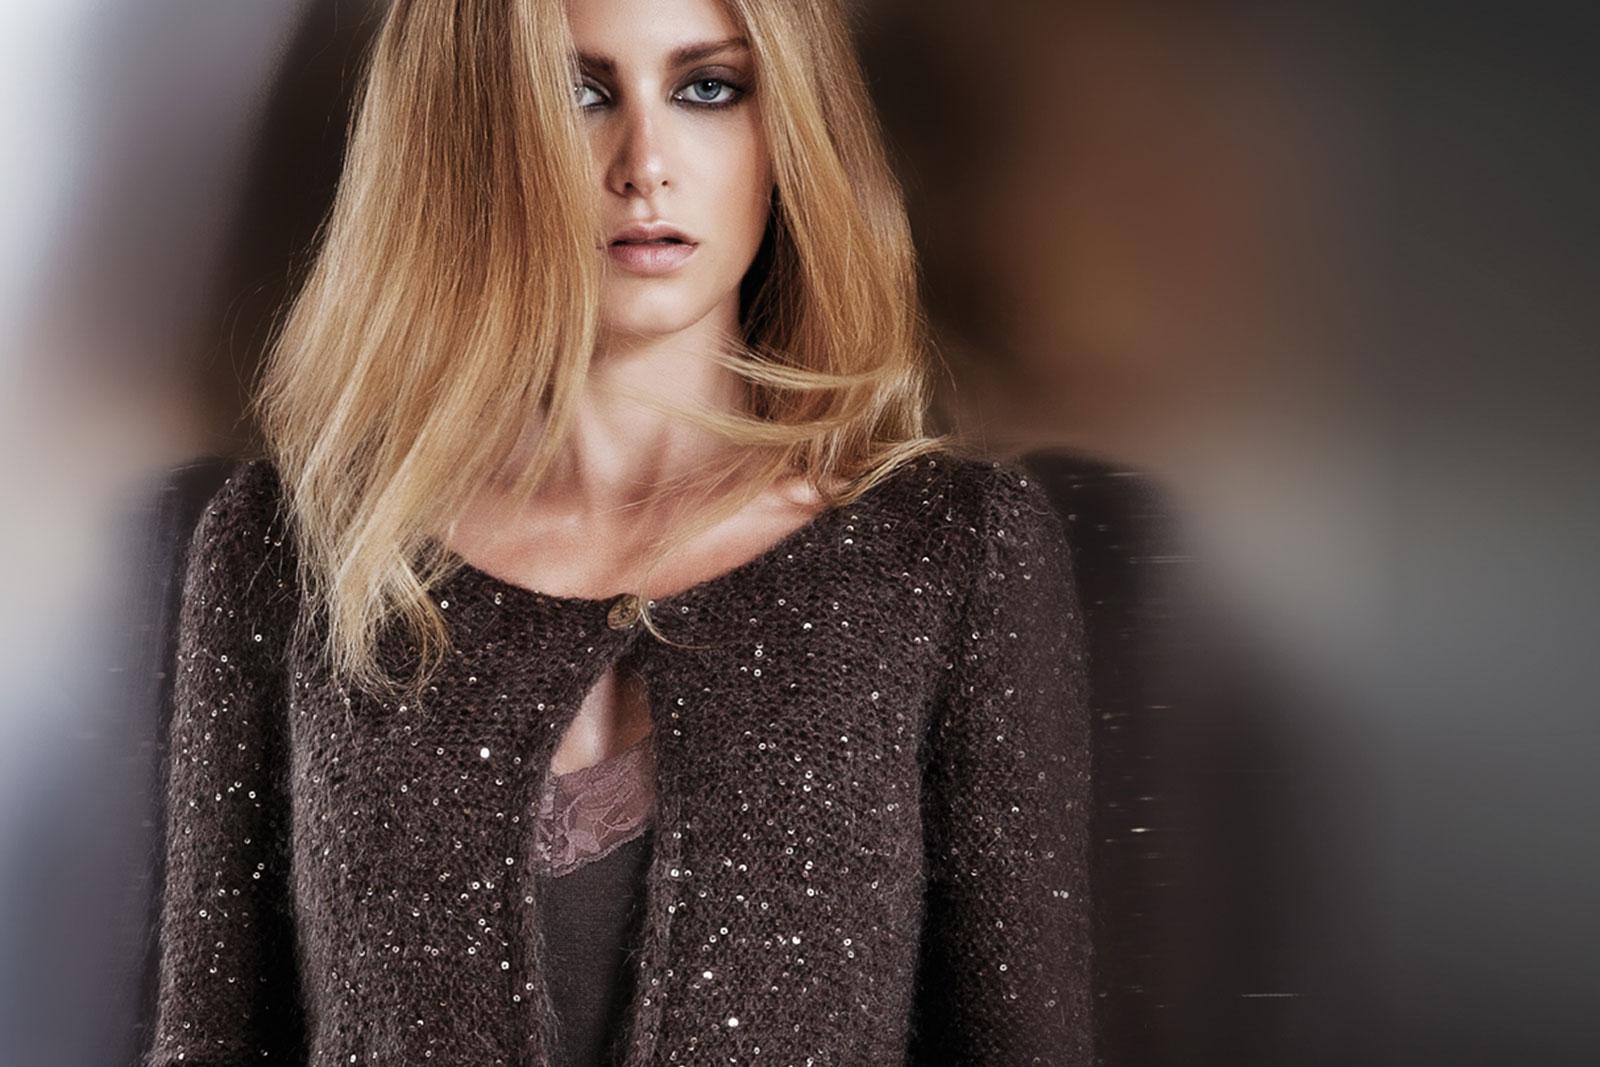 Elenco negozi abbigliamento donna maglieria donna nuove collezione maglieria donna maglieria donna collezione maglieria donna autunno inverno 2014